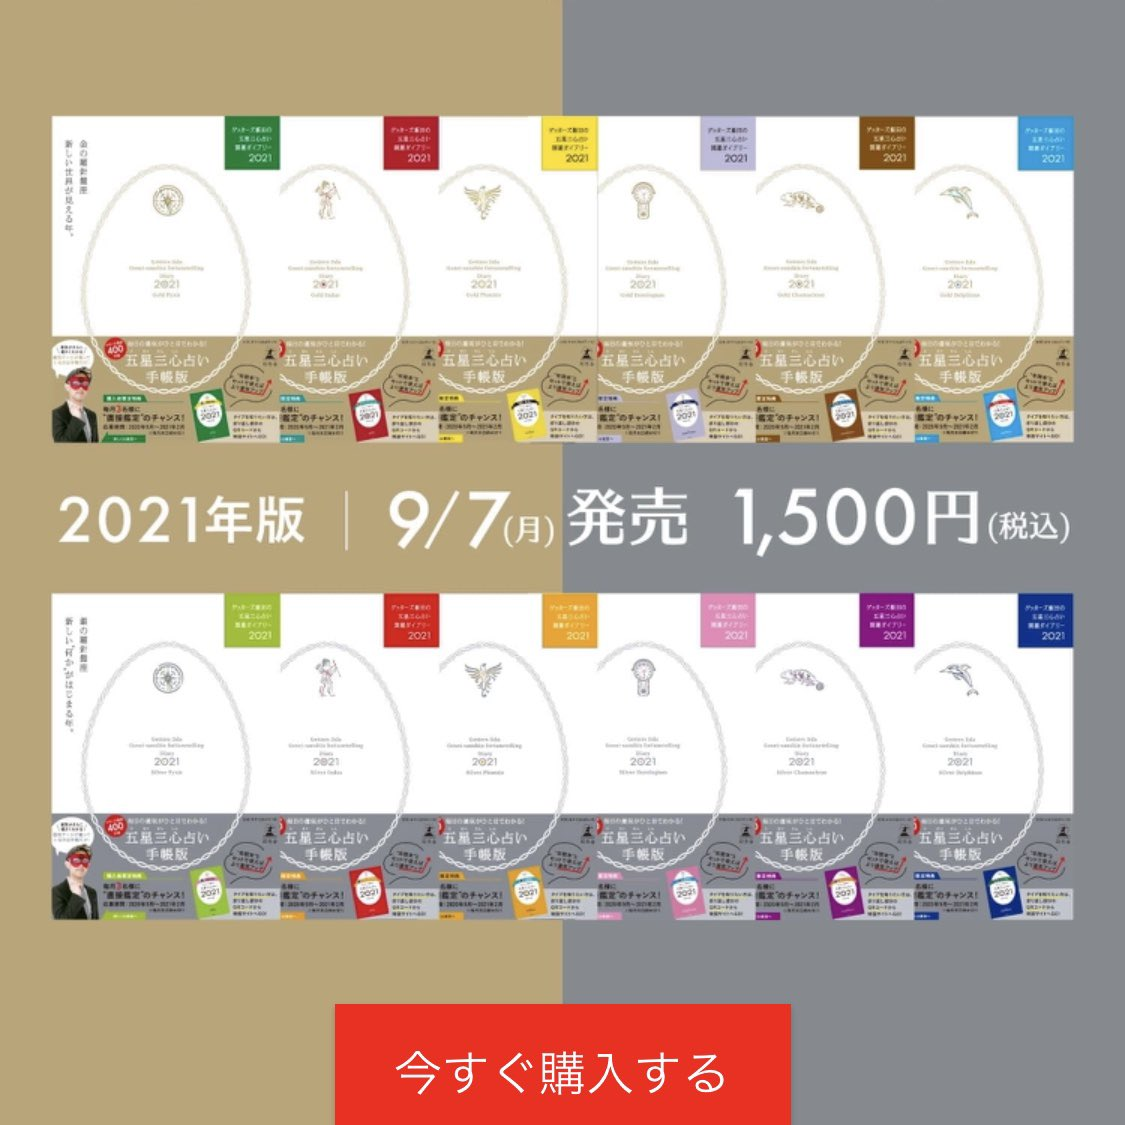 2021 ゲッターズ 飯田 【2021最新予言】ゲッターズ飯田が占う結果発表!開運アップ術も|スピリチュアルたまてばこ☆